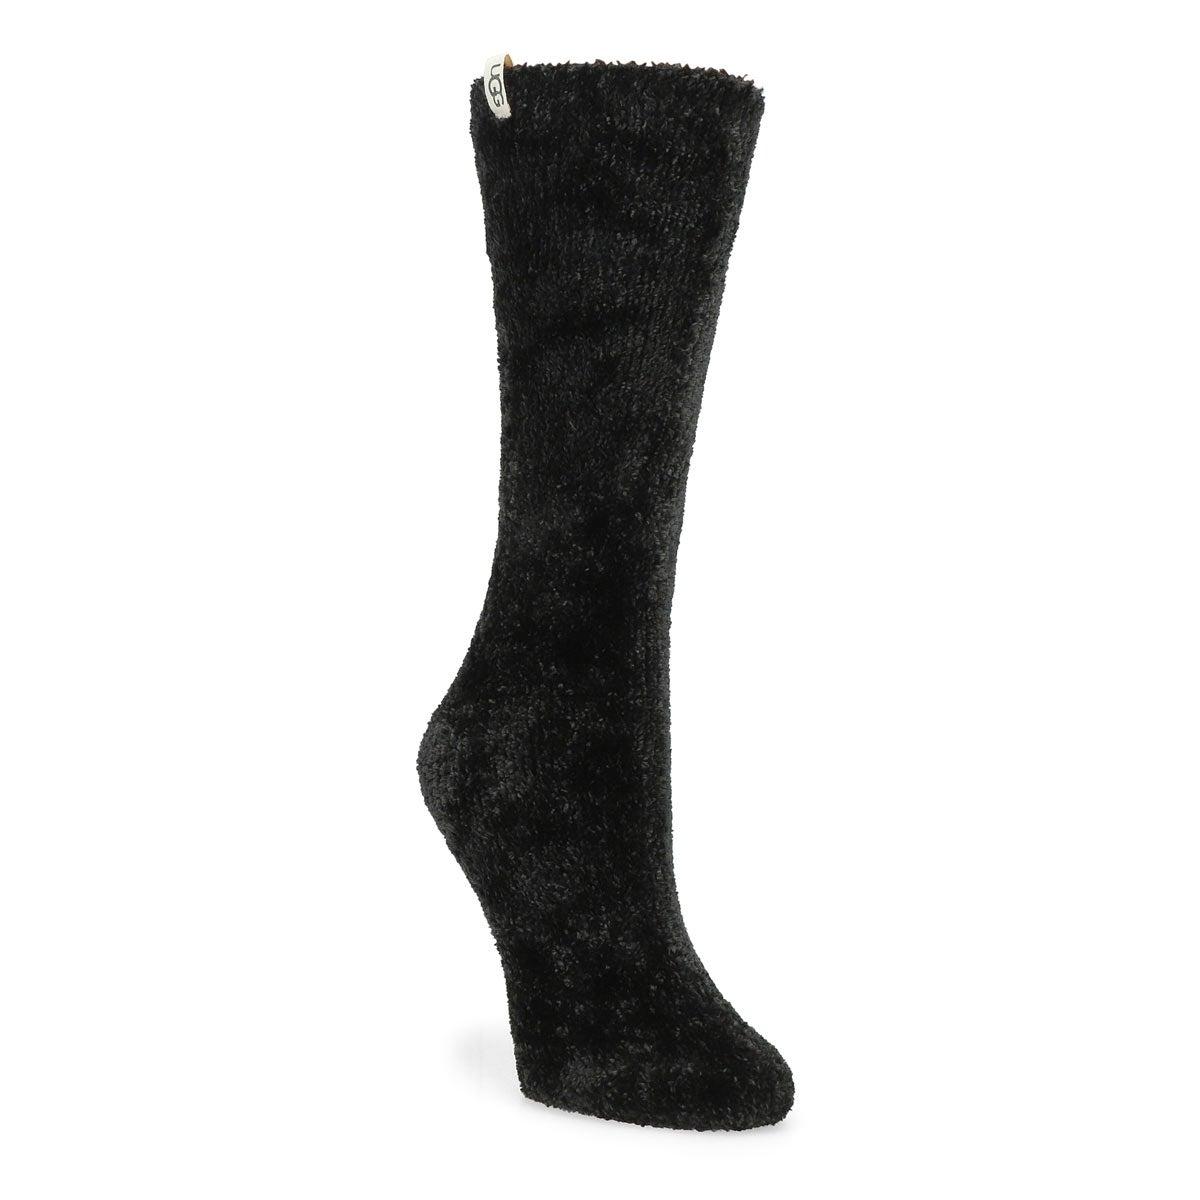 Chaussettes mi-mollet LEDA COZY, noir, femmes